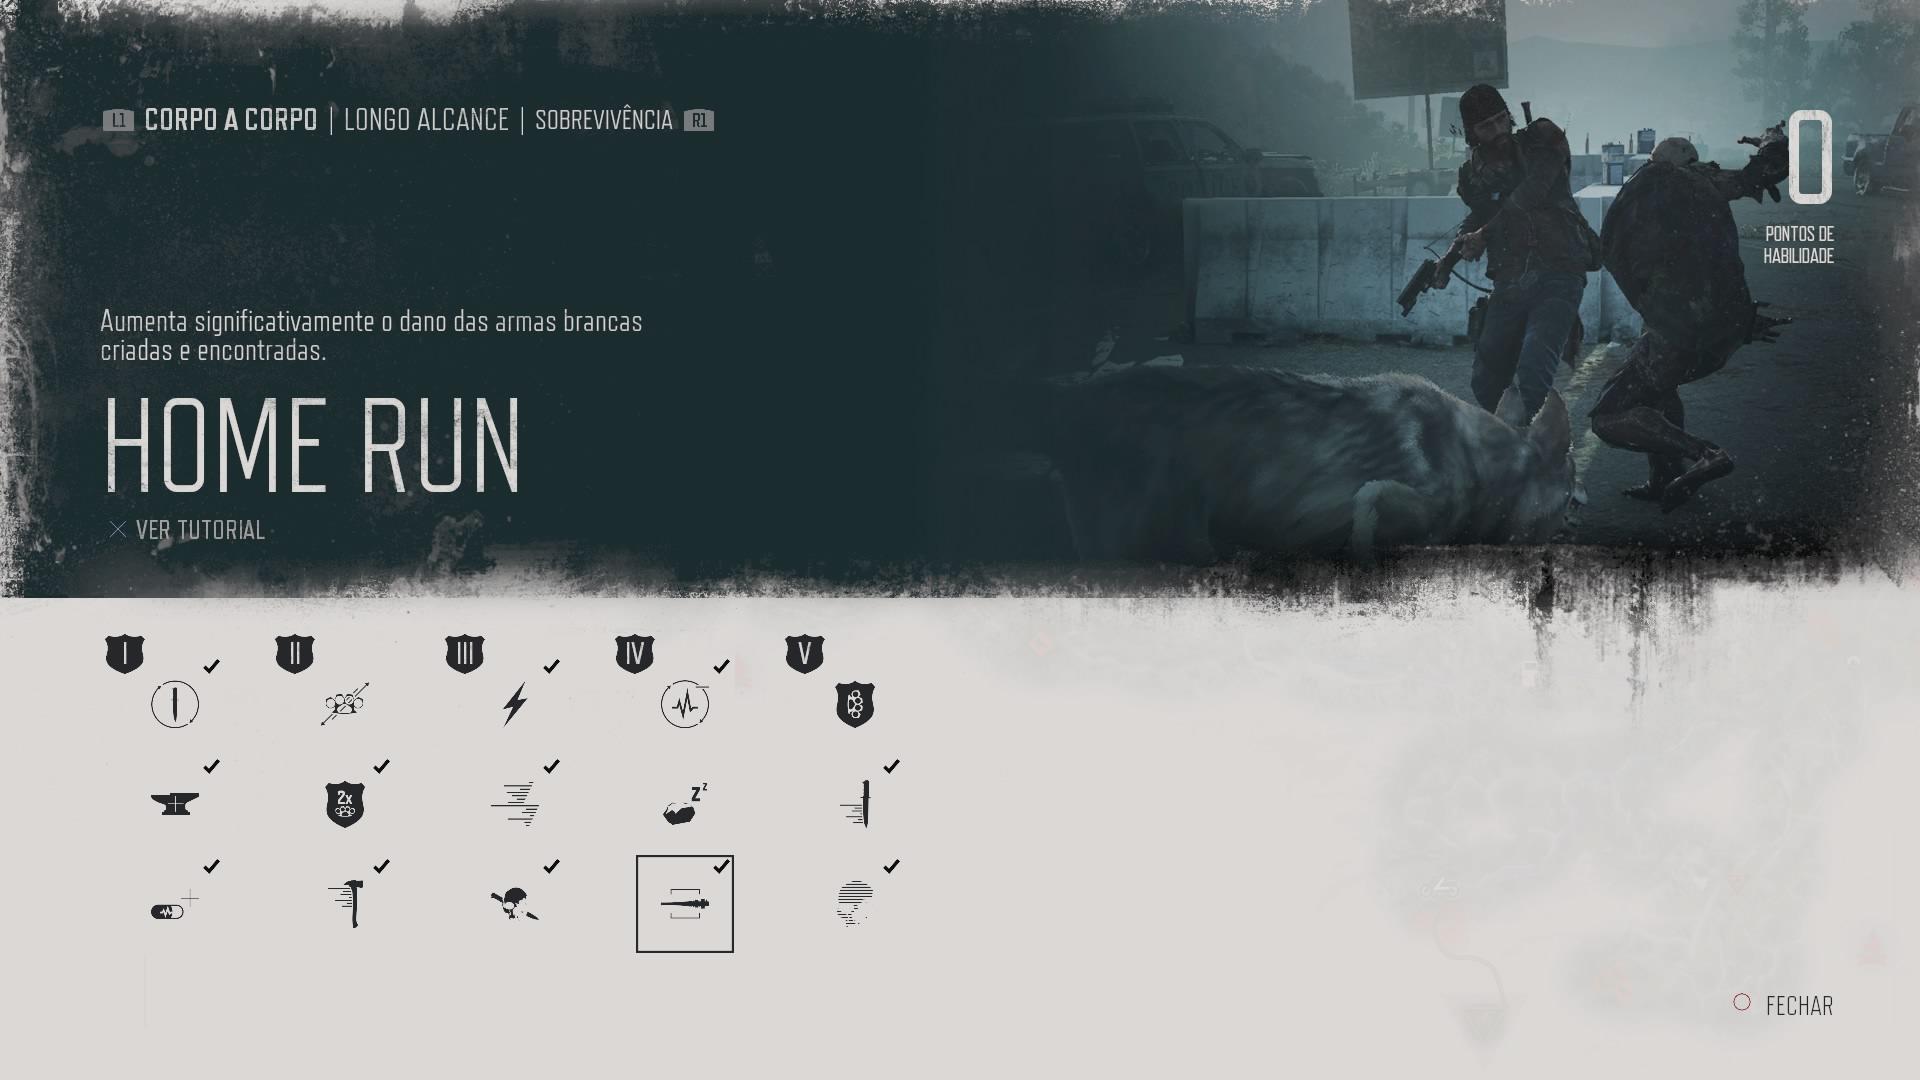 [Guia] Days Gone: quais e como encontrar as melhores armas do jogo 2